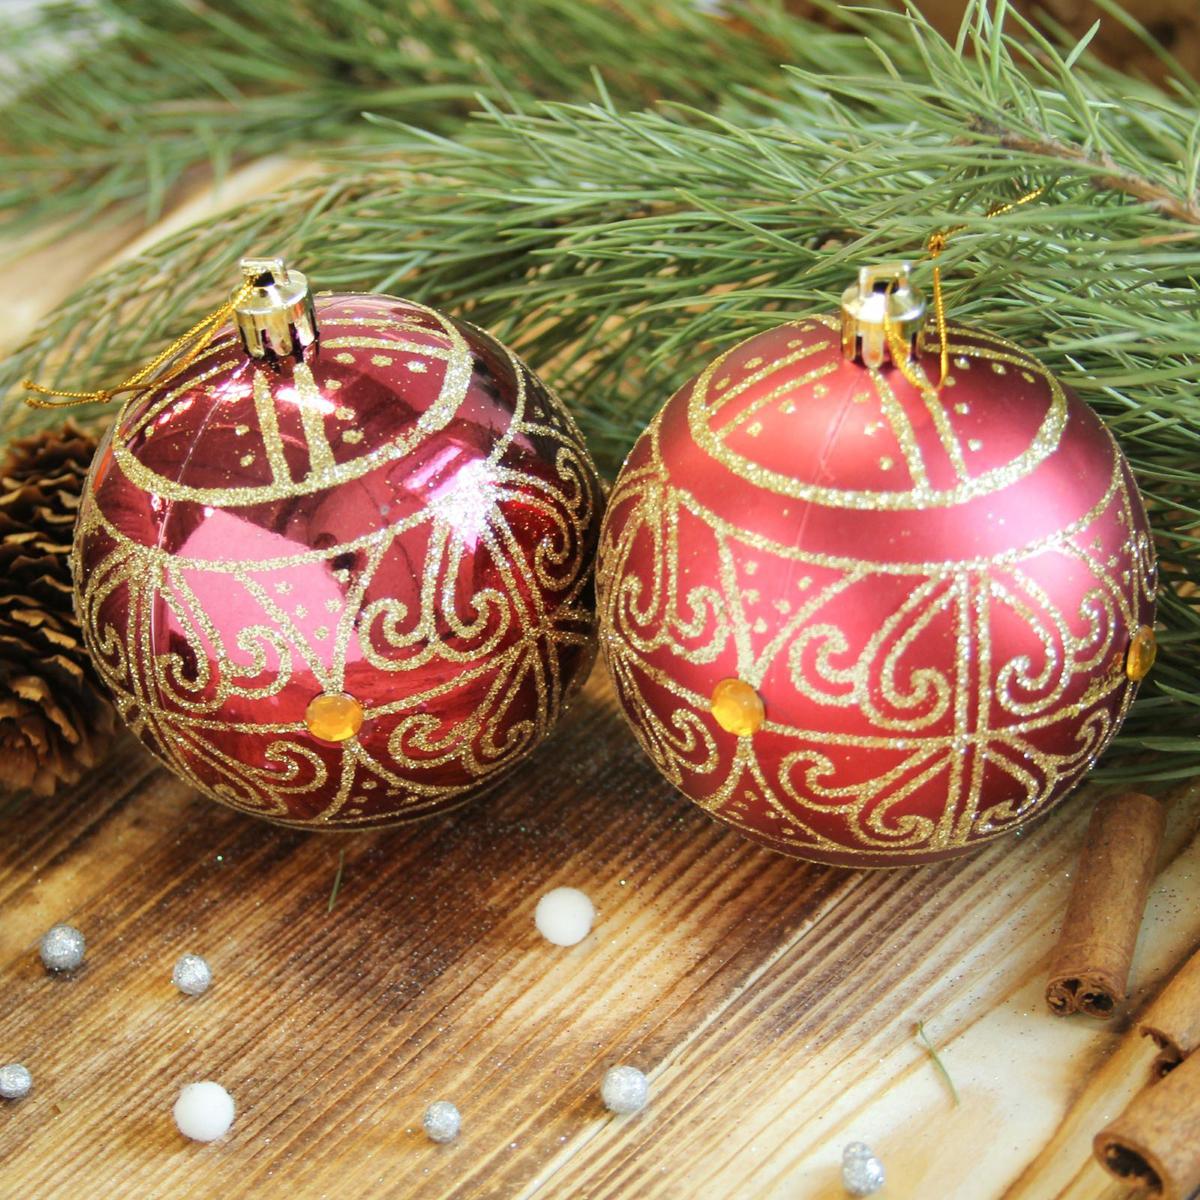 Набор новогодних подвесных украшений Sima-land Восточный узор, диаметр 8 см, 6 шт2122970Набор новогодних подвесных украшений Sima-land отлично подойдет для декорации вашего дома и новогодней ели. С помощью специальной петельки украшение можно повесить в любом понравившемся вам месте. Но, конечно, удачнее всего оно будет смотреться на праздничной елке. Елочная игрушка - символ Нового года. Она несет в себе волшебство и красоту праздника. Создайте в своем доме атмосферу веселья и радости, украшая новогоднюю елку нарядными игрушками, которые будут из года в год накапливать теплоту воспоминаний.